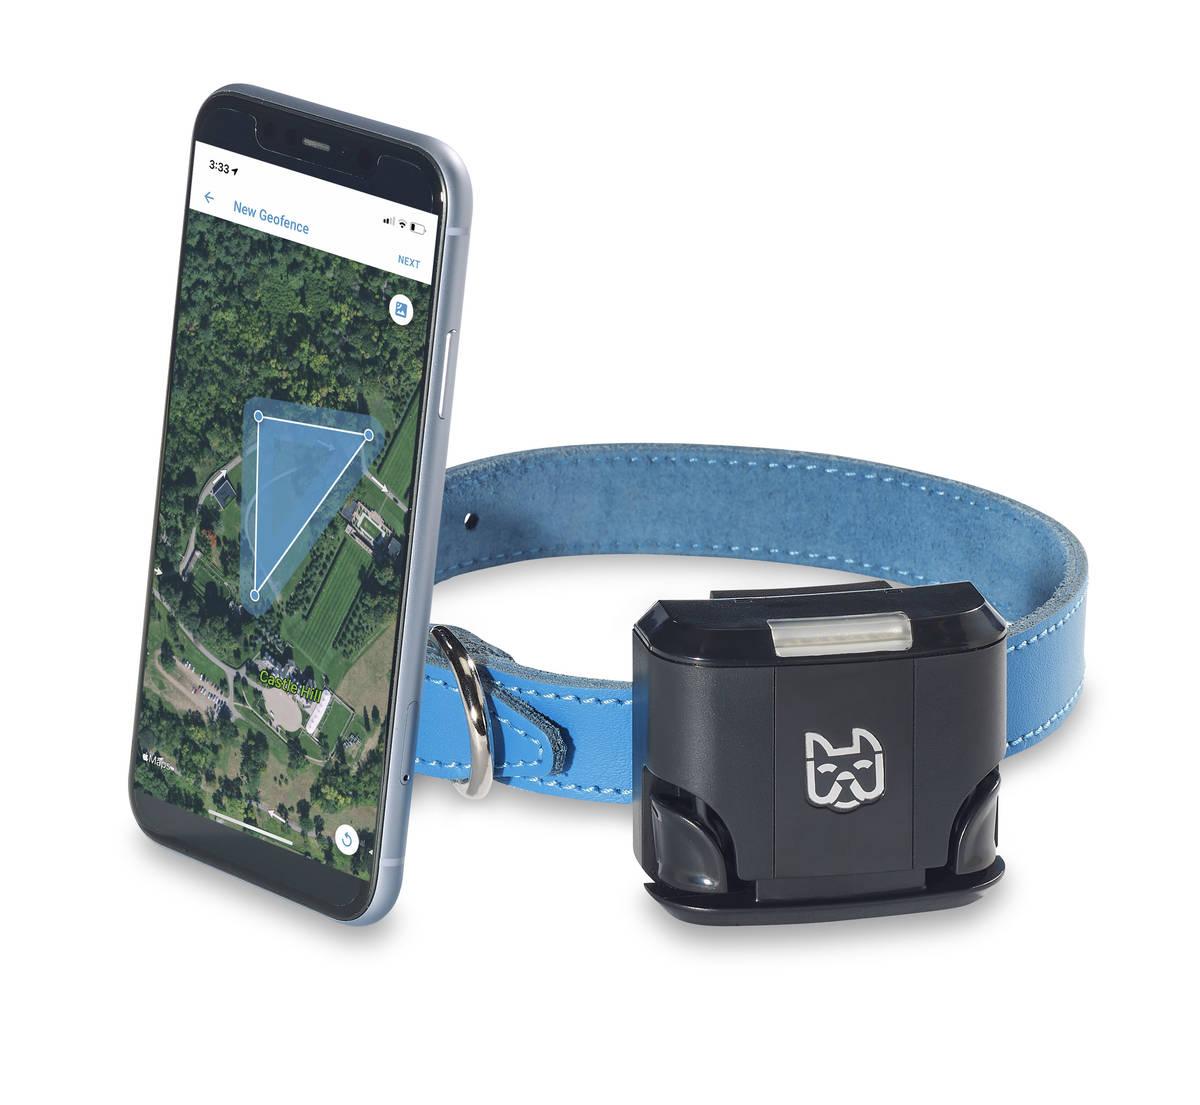 El Wagz Freedom Smart Dog Collar te permite establecer límites con una aplicación. (Wagz)